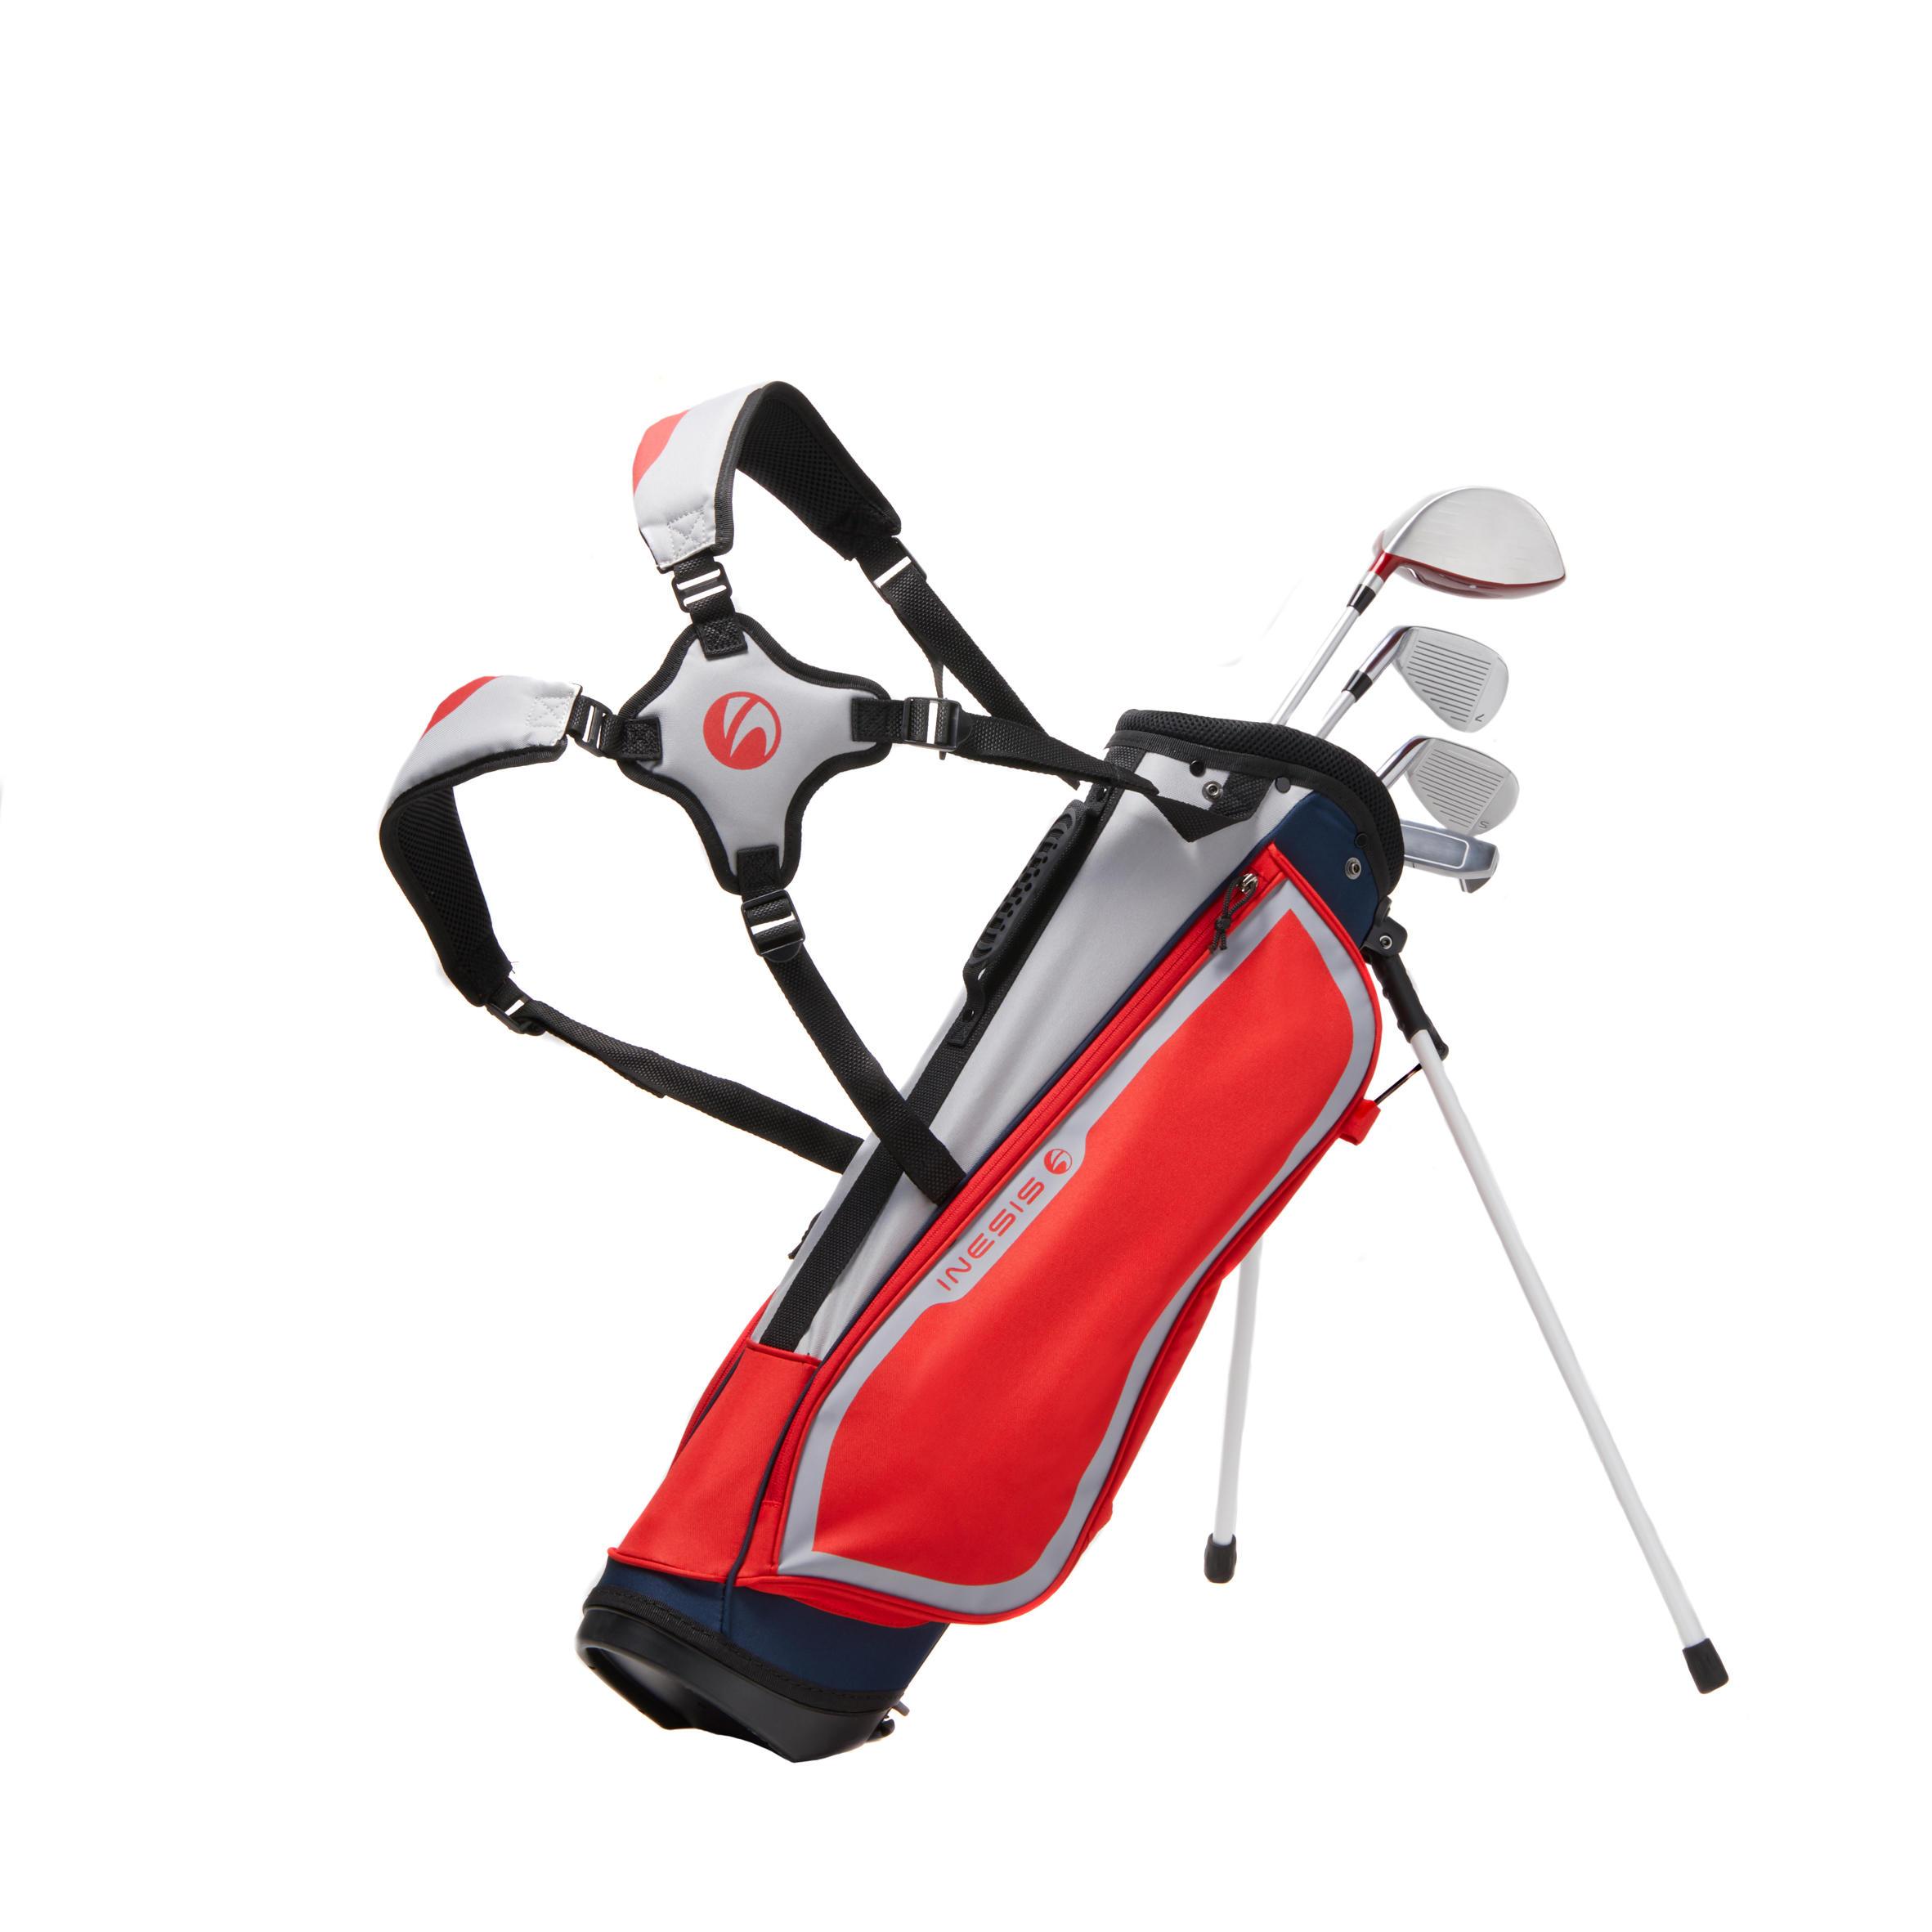 ENSEMBLE de golf enfant 8-10 ANS droitier 500